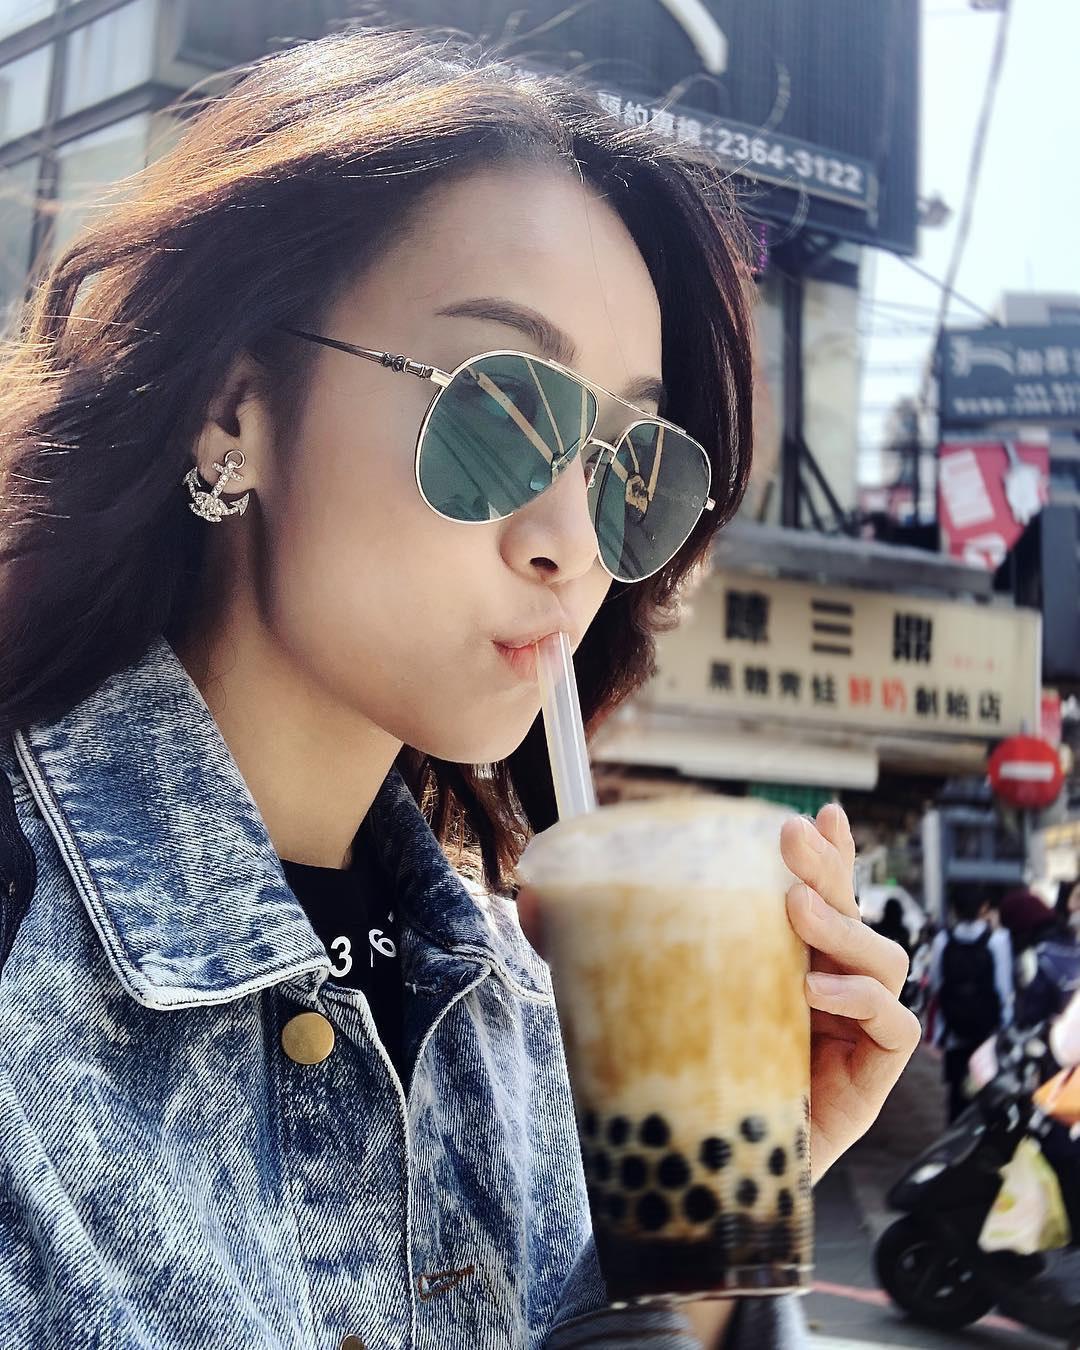 黃心穎隨戲劇「法證先鋒」來台拍外景,趁空品嚐台灣道地珍珠奶茶。(翻攝自黃心穎IG)